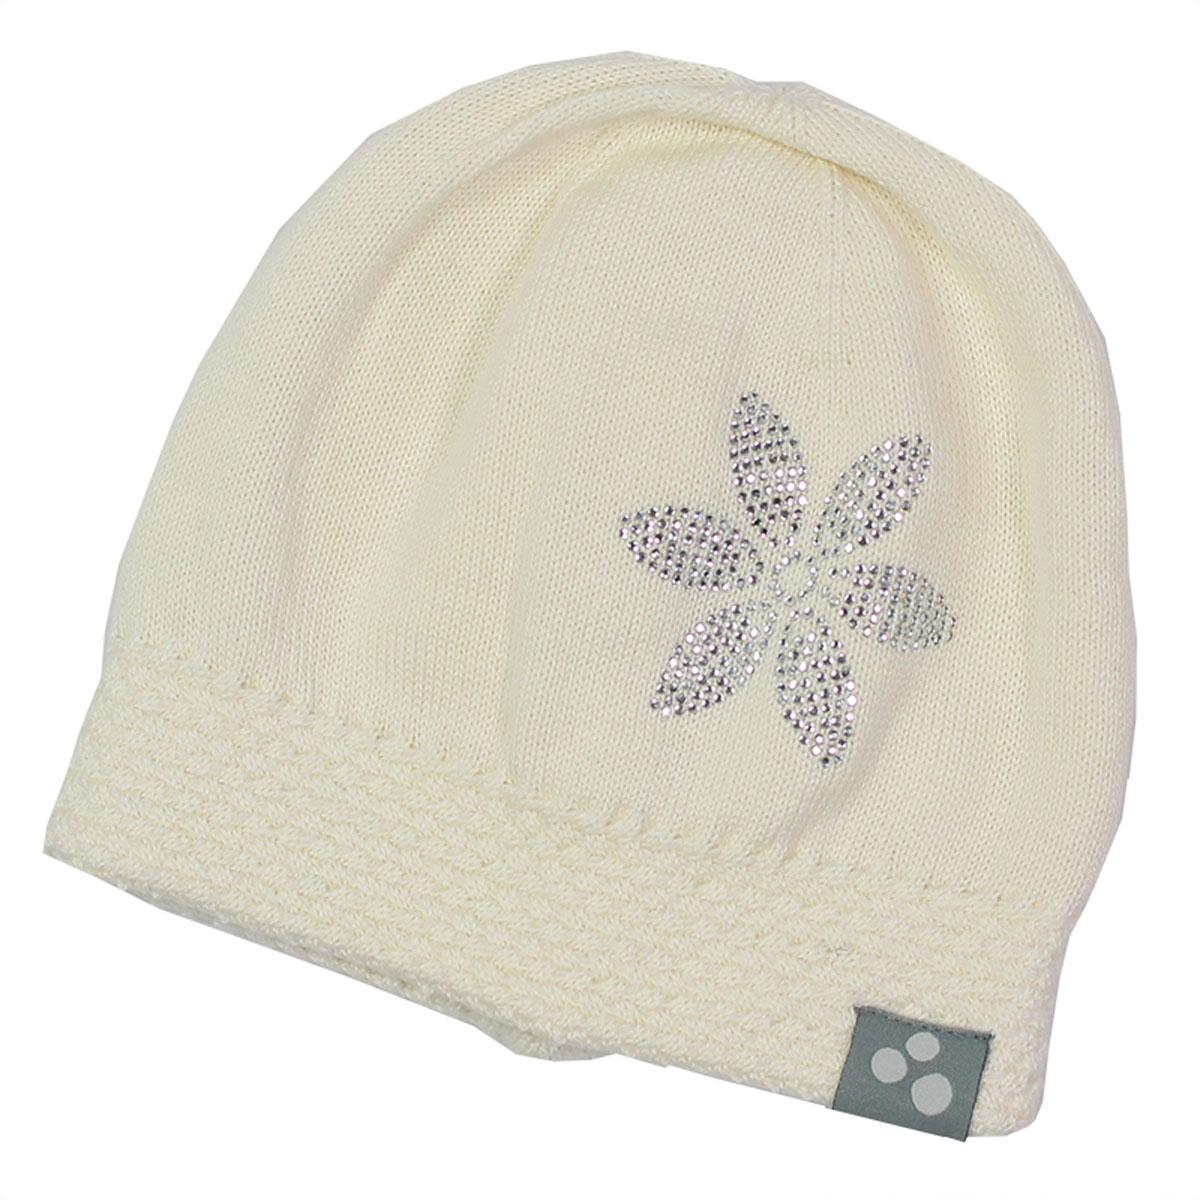 Вязаная детская шапка ELIISA. 80150000-6002080150000-60020Вязаная шапка ELIISA для девочек, теплая вязаная шапочка не даст замерзнуть вашему ребенку в прохладную погоду.